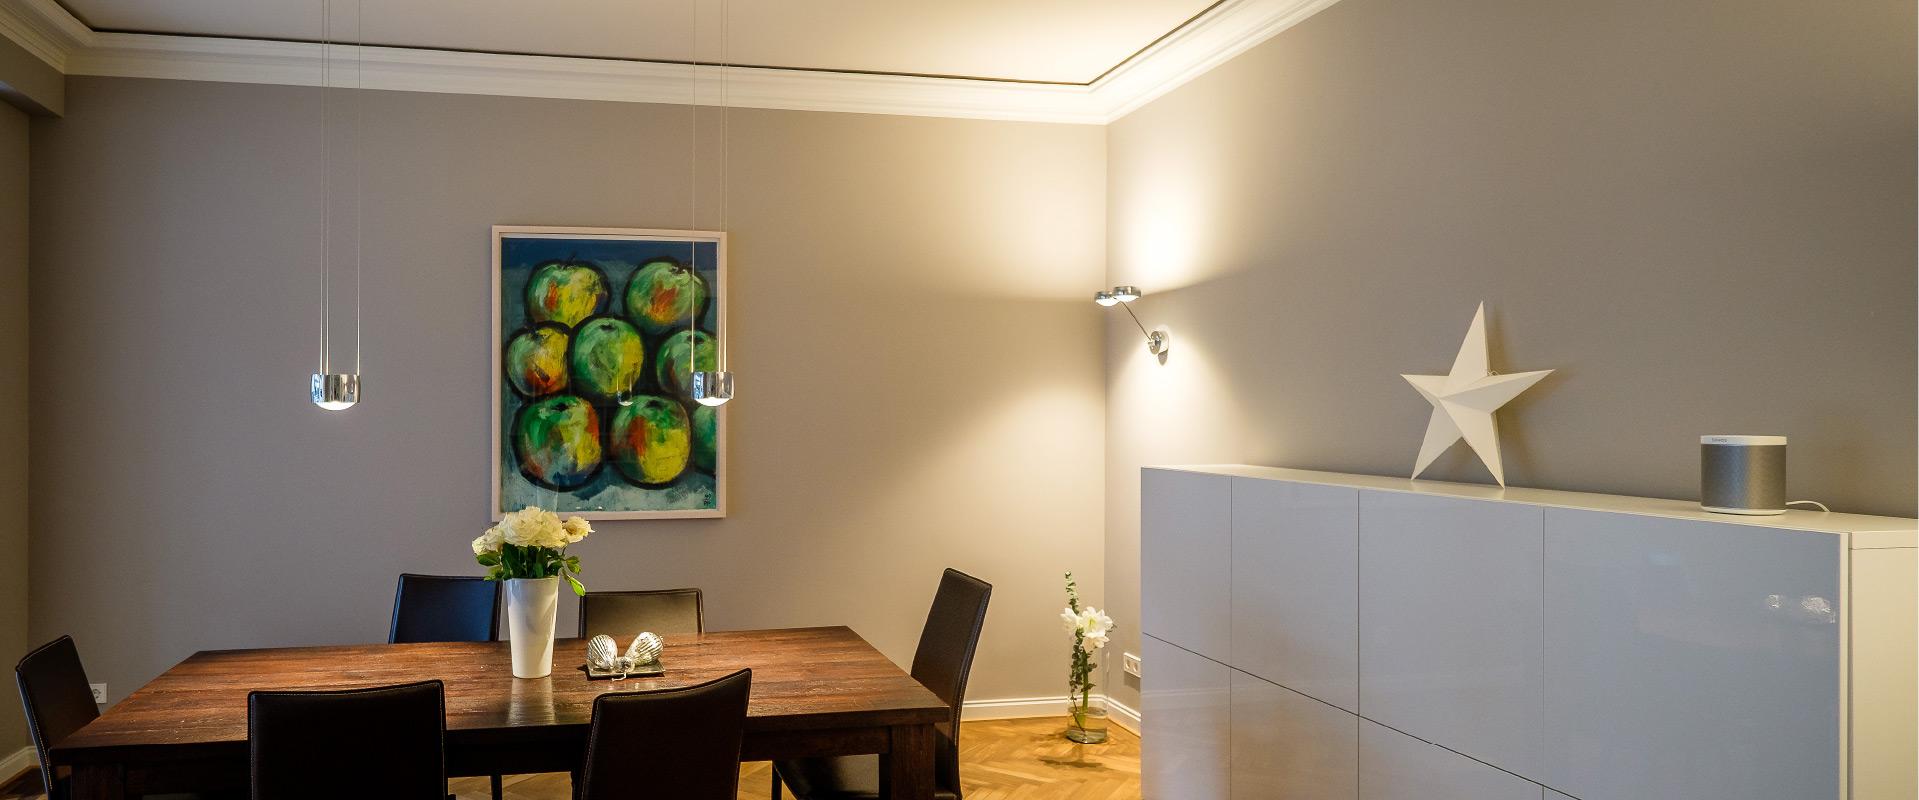 Renovierung: Altbauwohnung in Düsseltal - Menke – Malereibetrieb ...